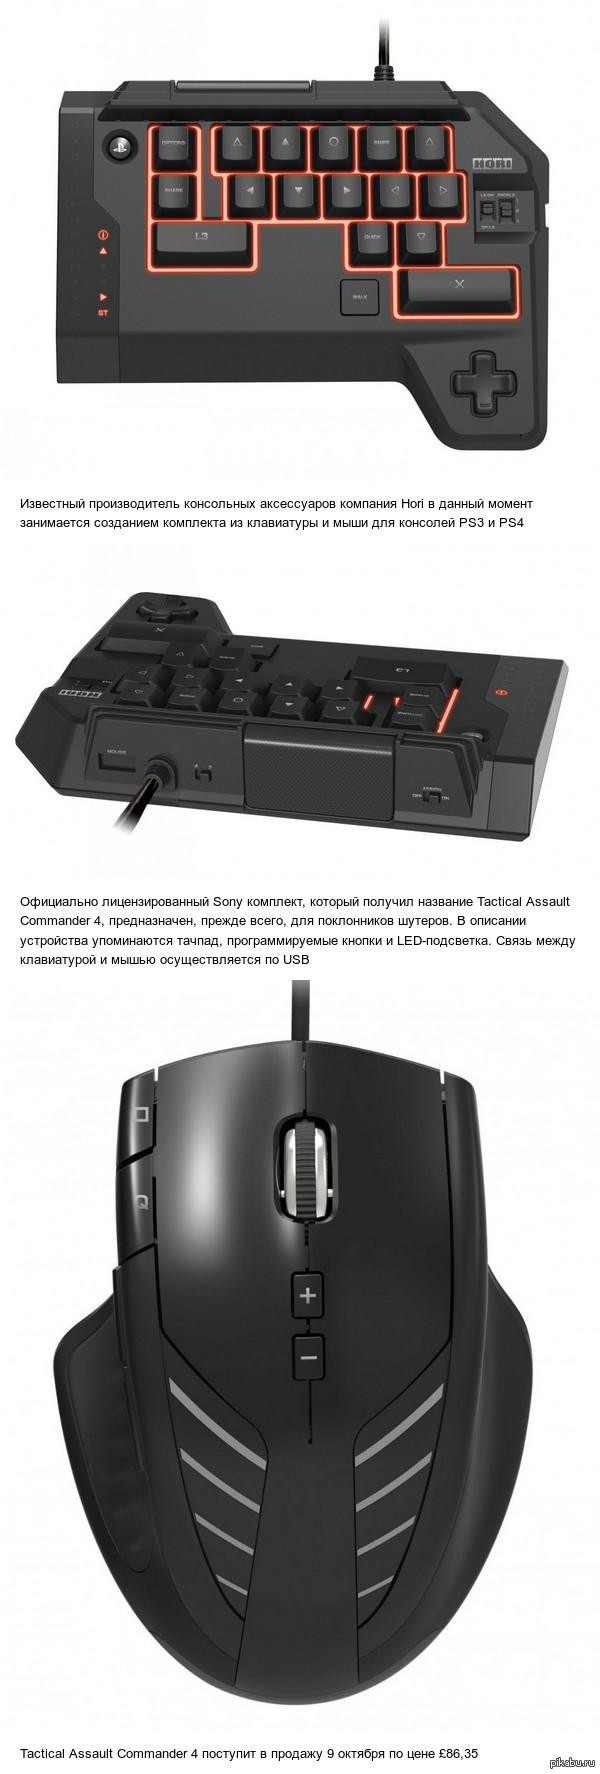 Hori делает комплект из клавиатуры и мыши для PS3 и PS4